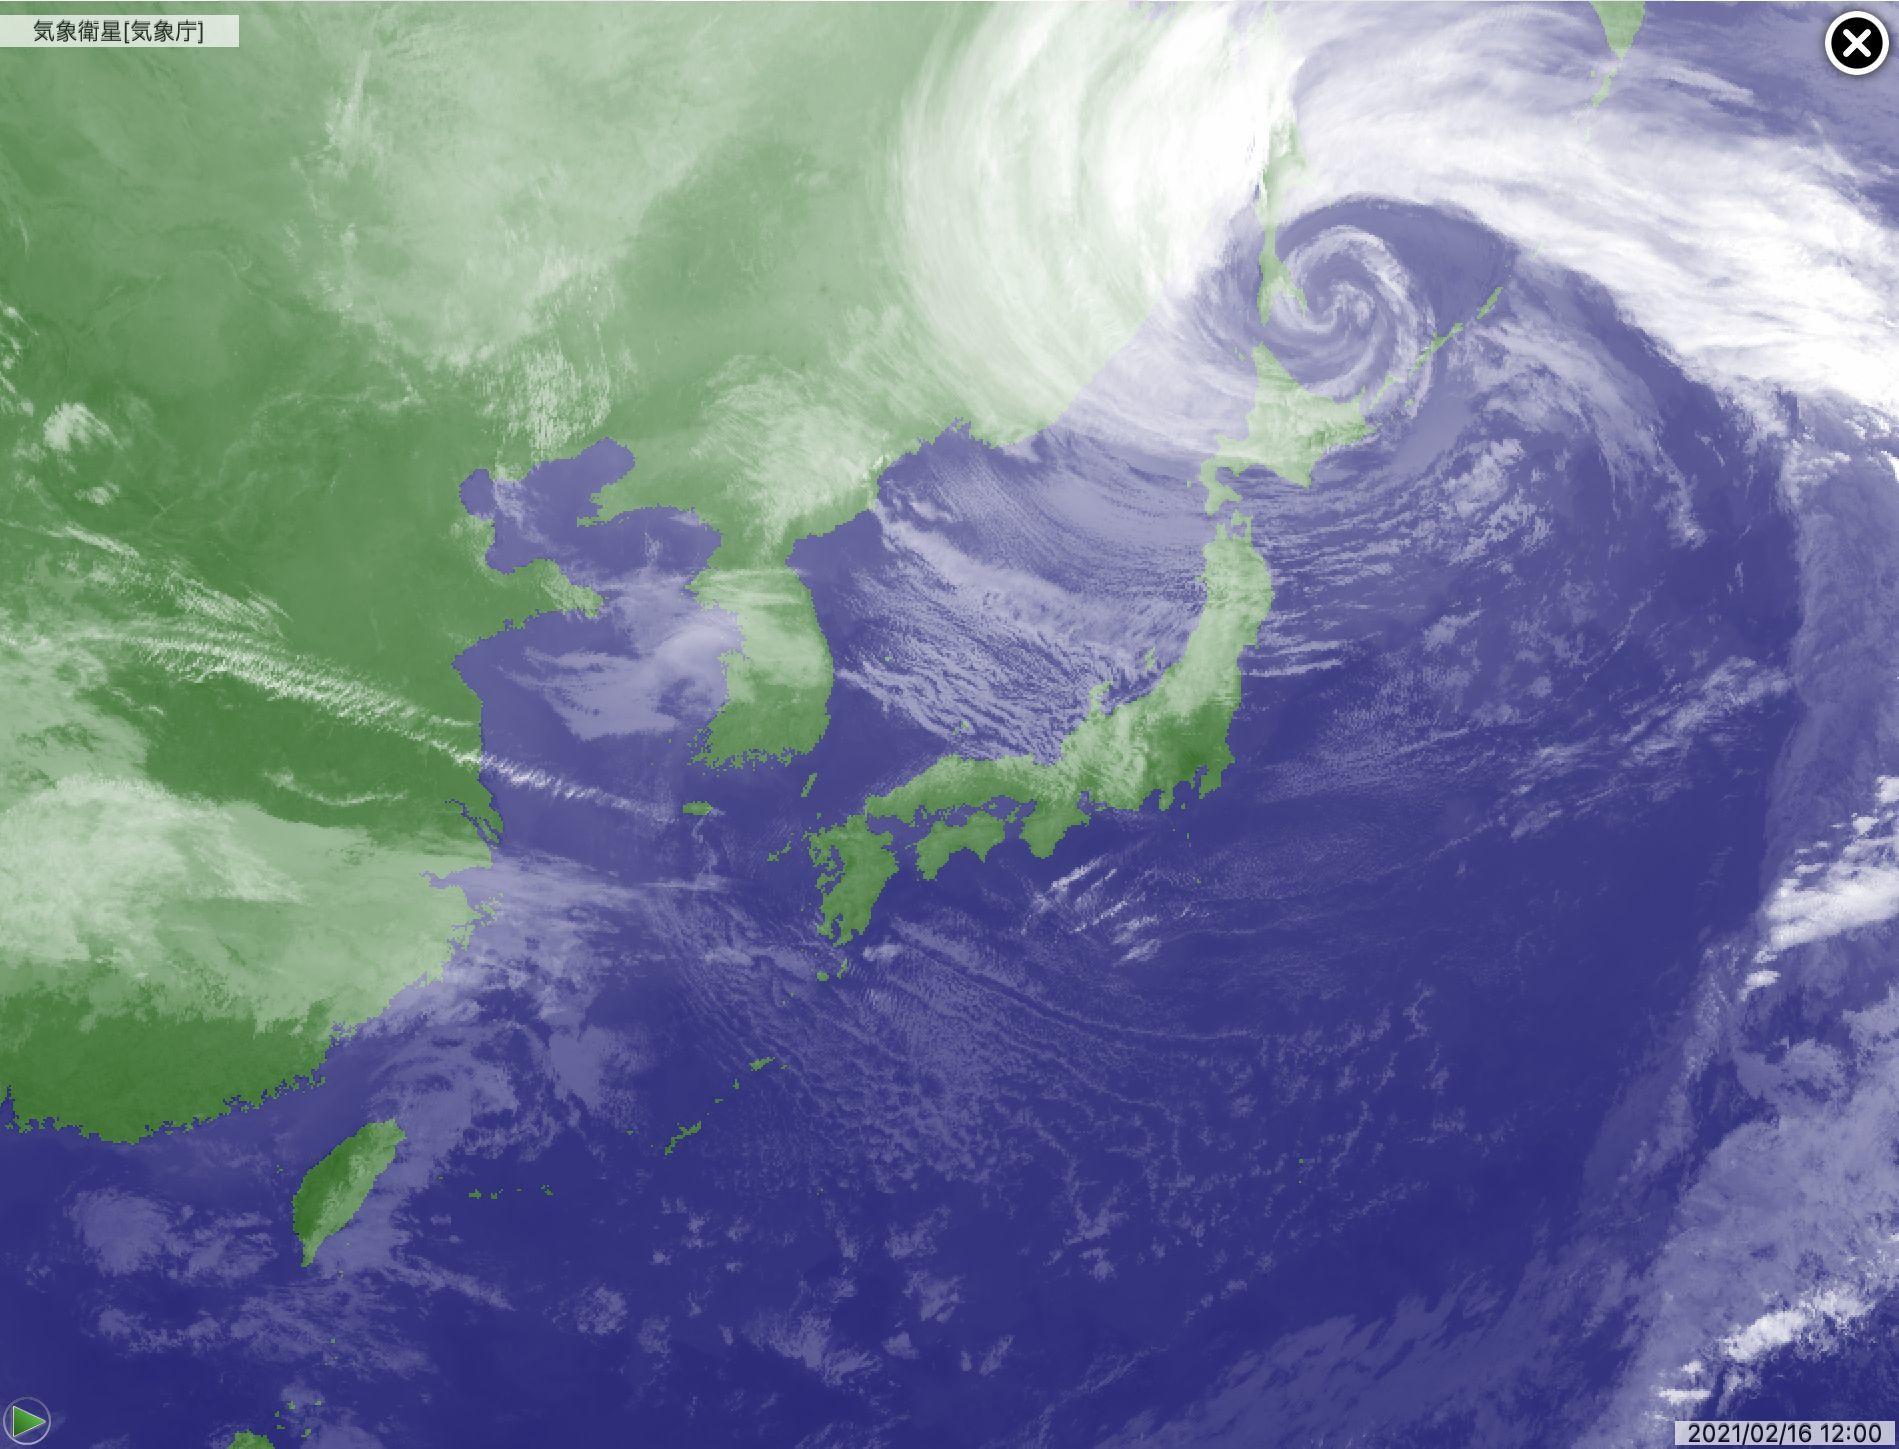 札幌は暴風雪にならないまま警報解除へ_c0025115_21594245.jpg